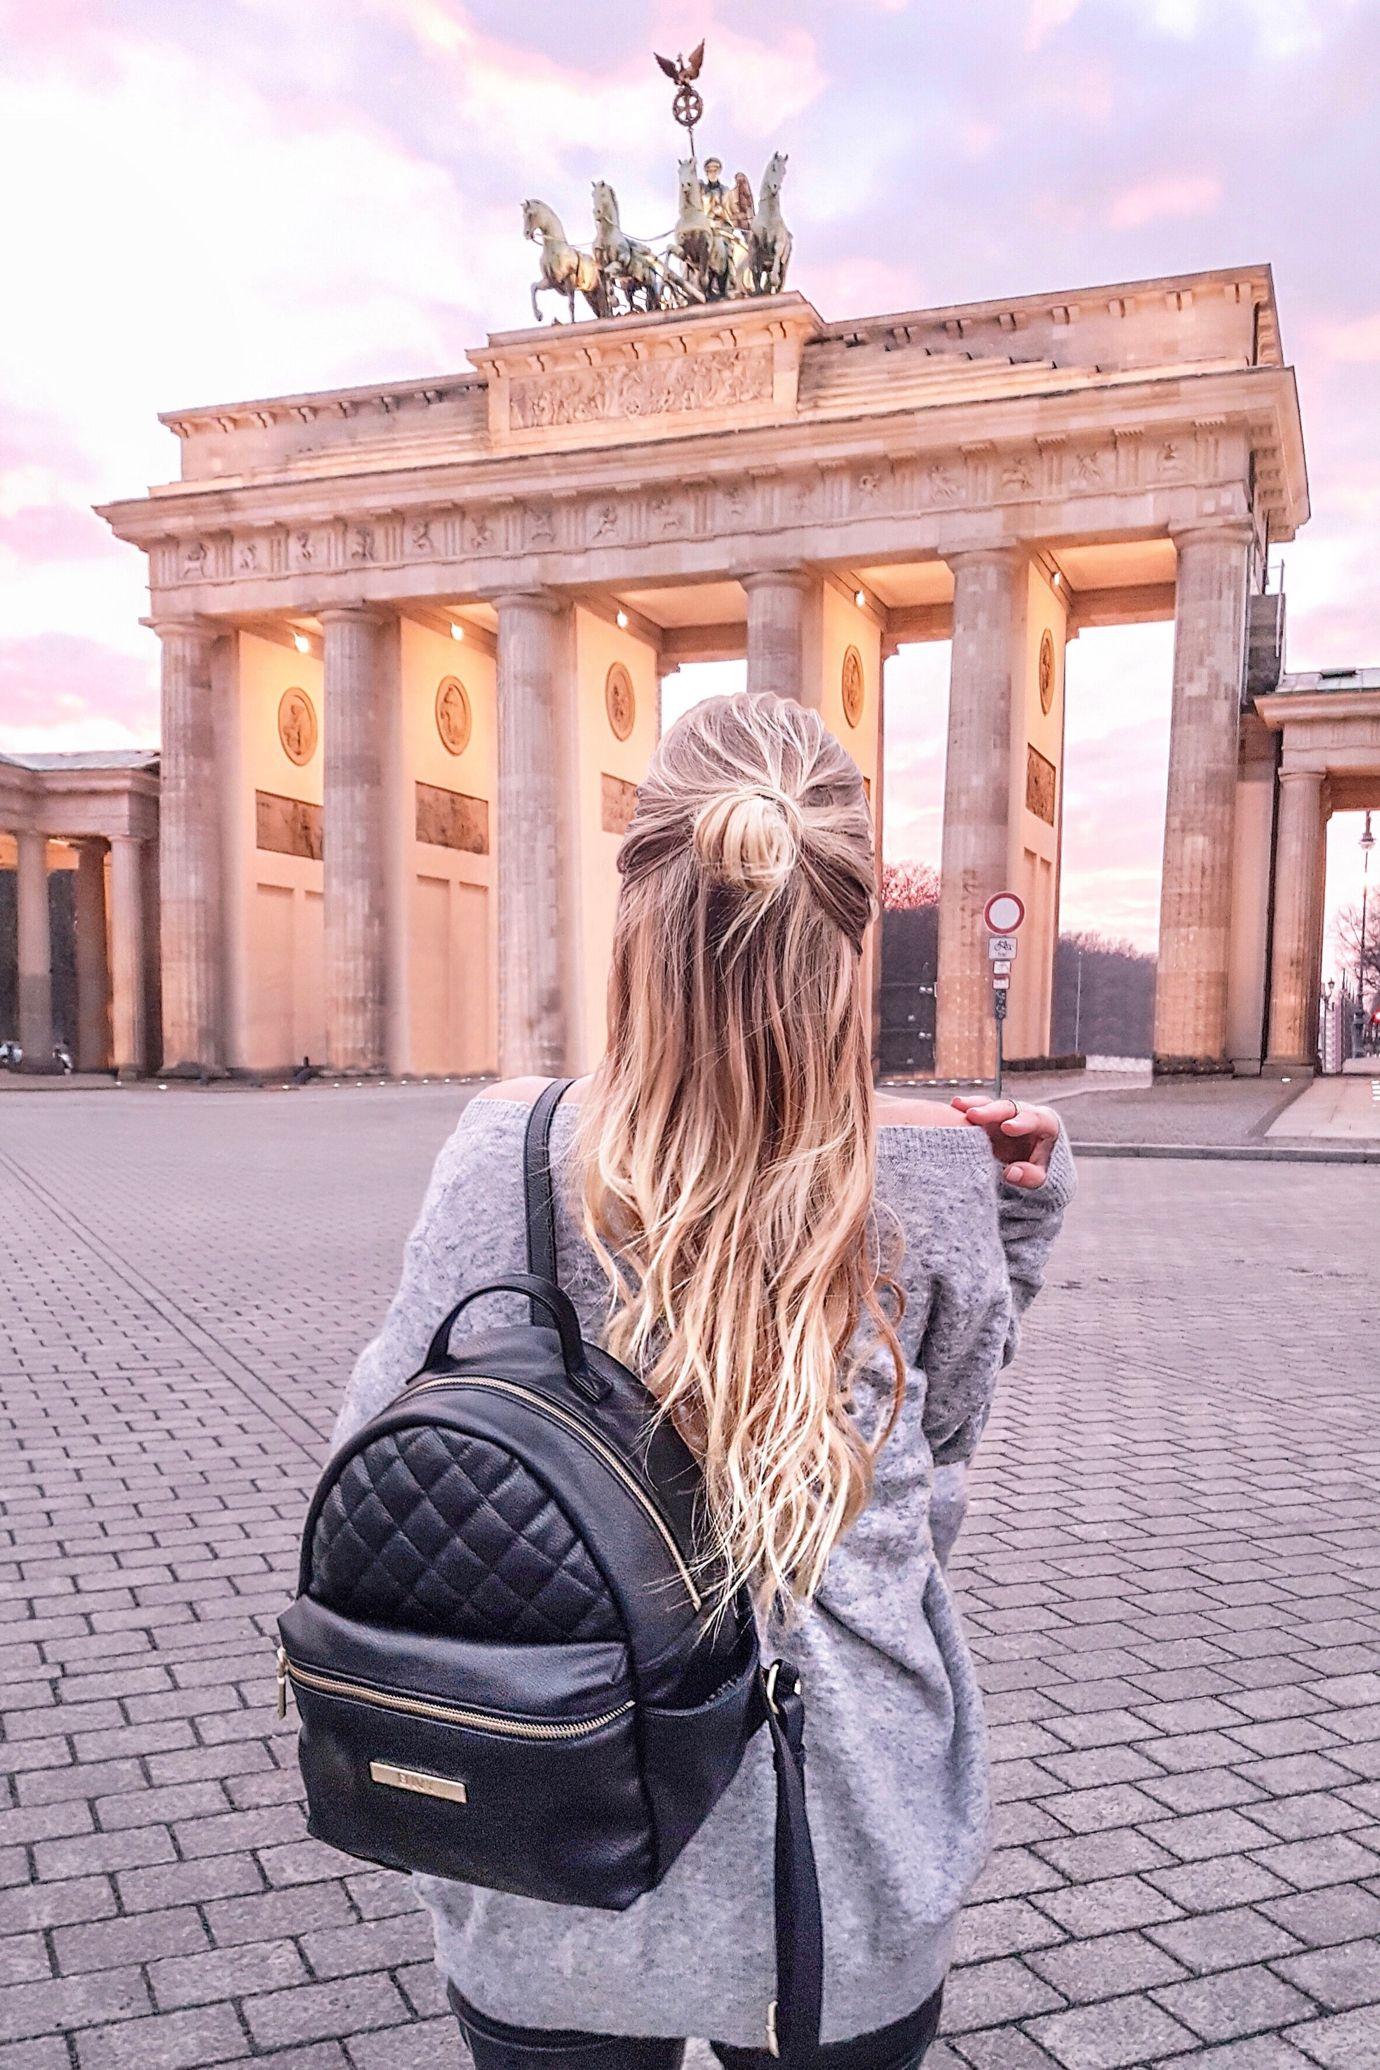 Sunset At Brandenburg Gate I Berlin Germany Http Www Ohhcouture Com 2017 01 Monday Update 42 Ohhcouture Leonieha Berlin Urlaub Europareisen Engel Reisen